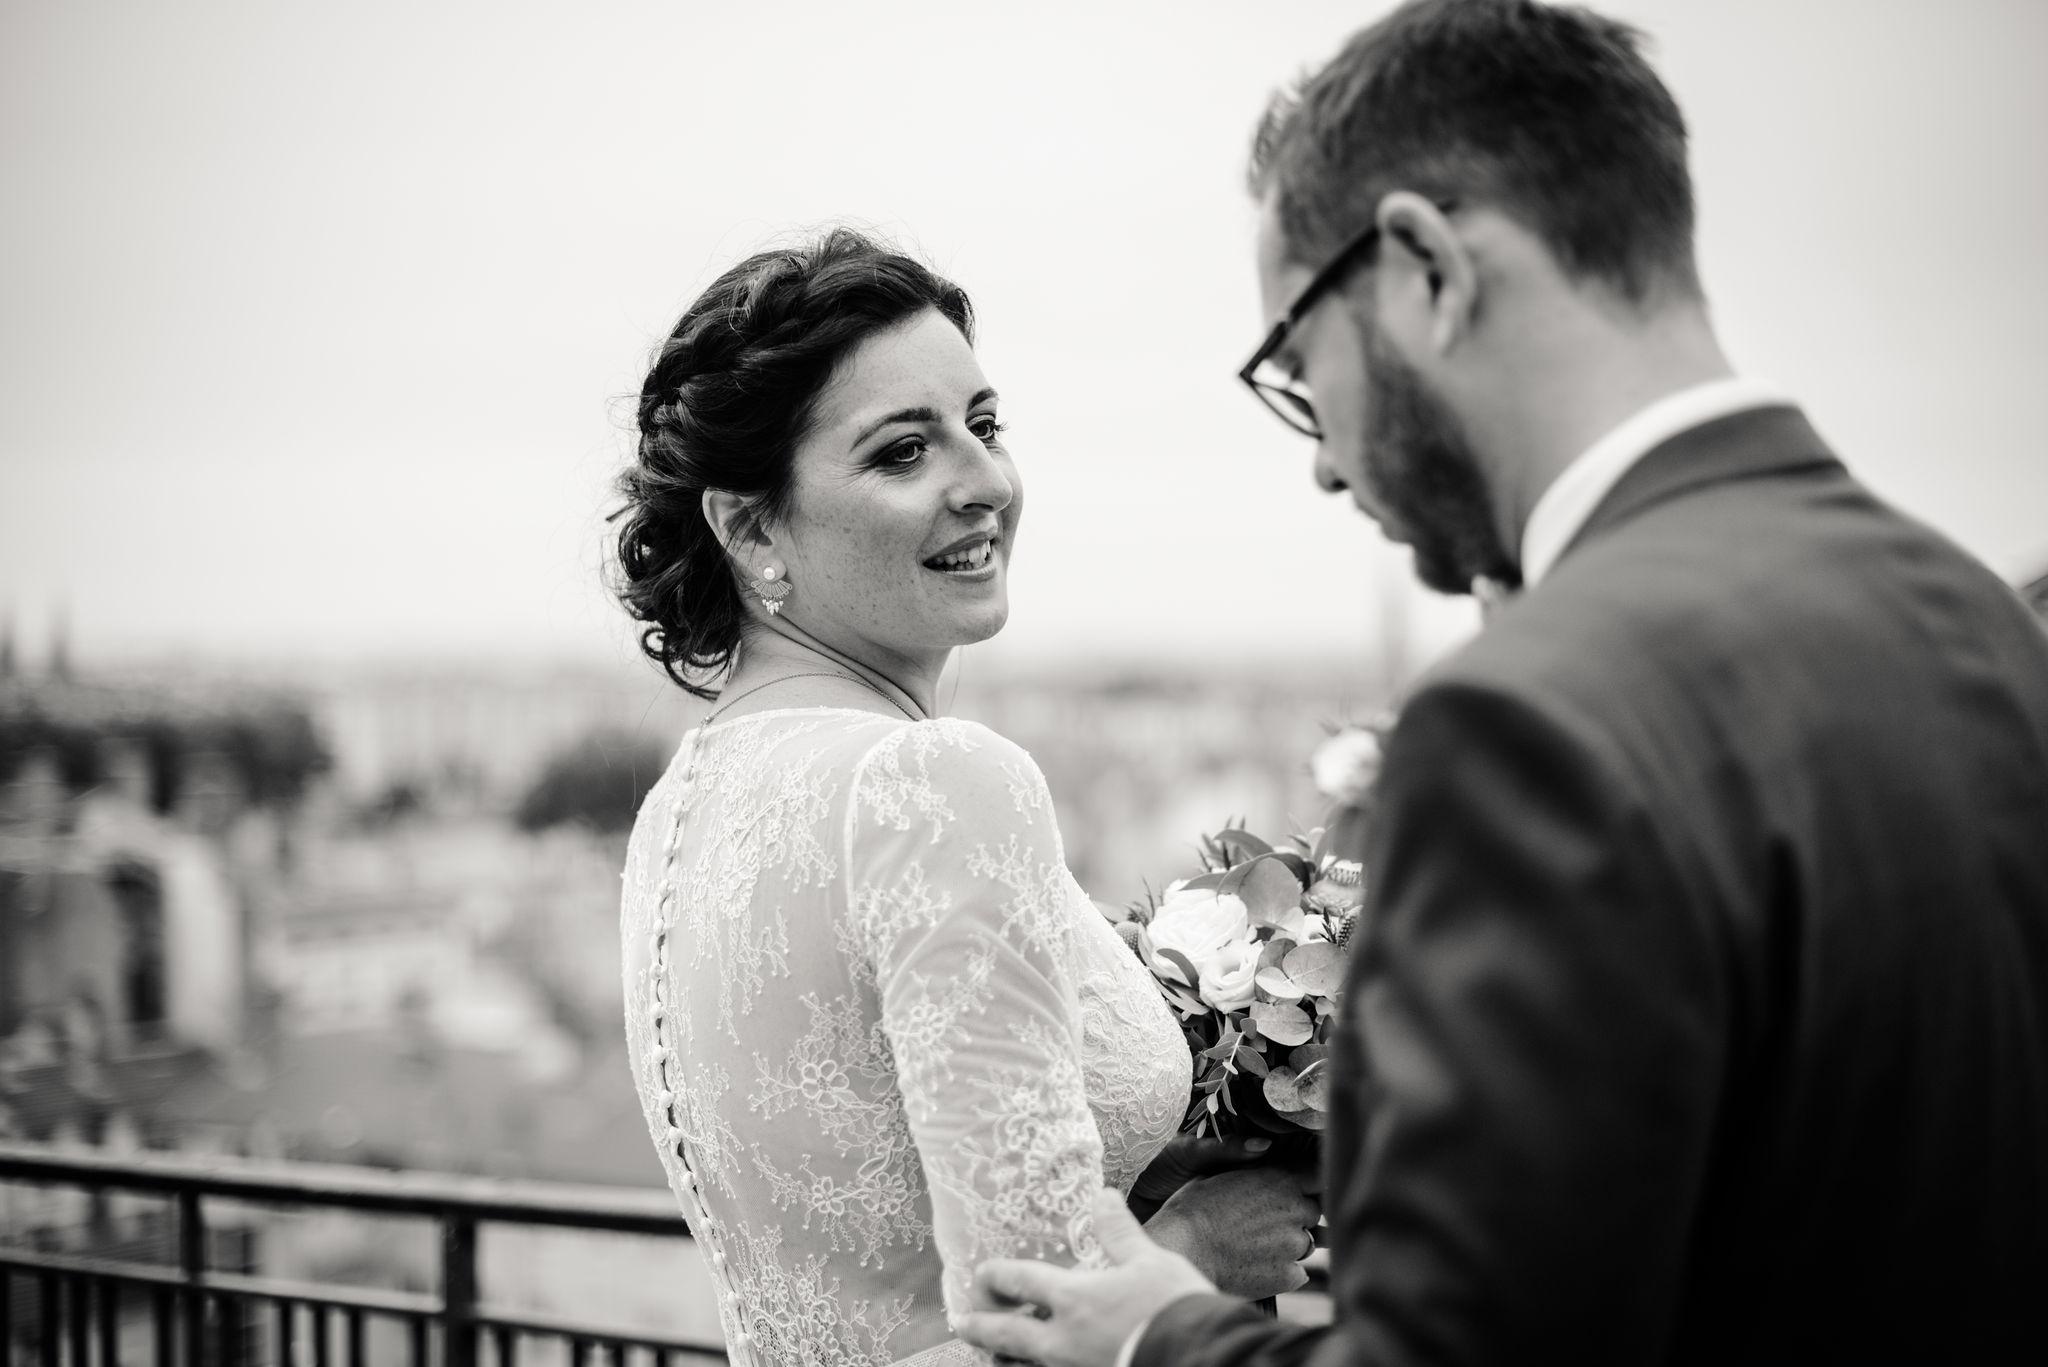 Léa-Fery-photographe-professionnel-lyon-rhone-alpes-portrait-creation-mariage-evenement-evenementiel-famille-6151.jpg